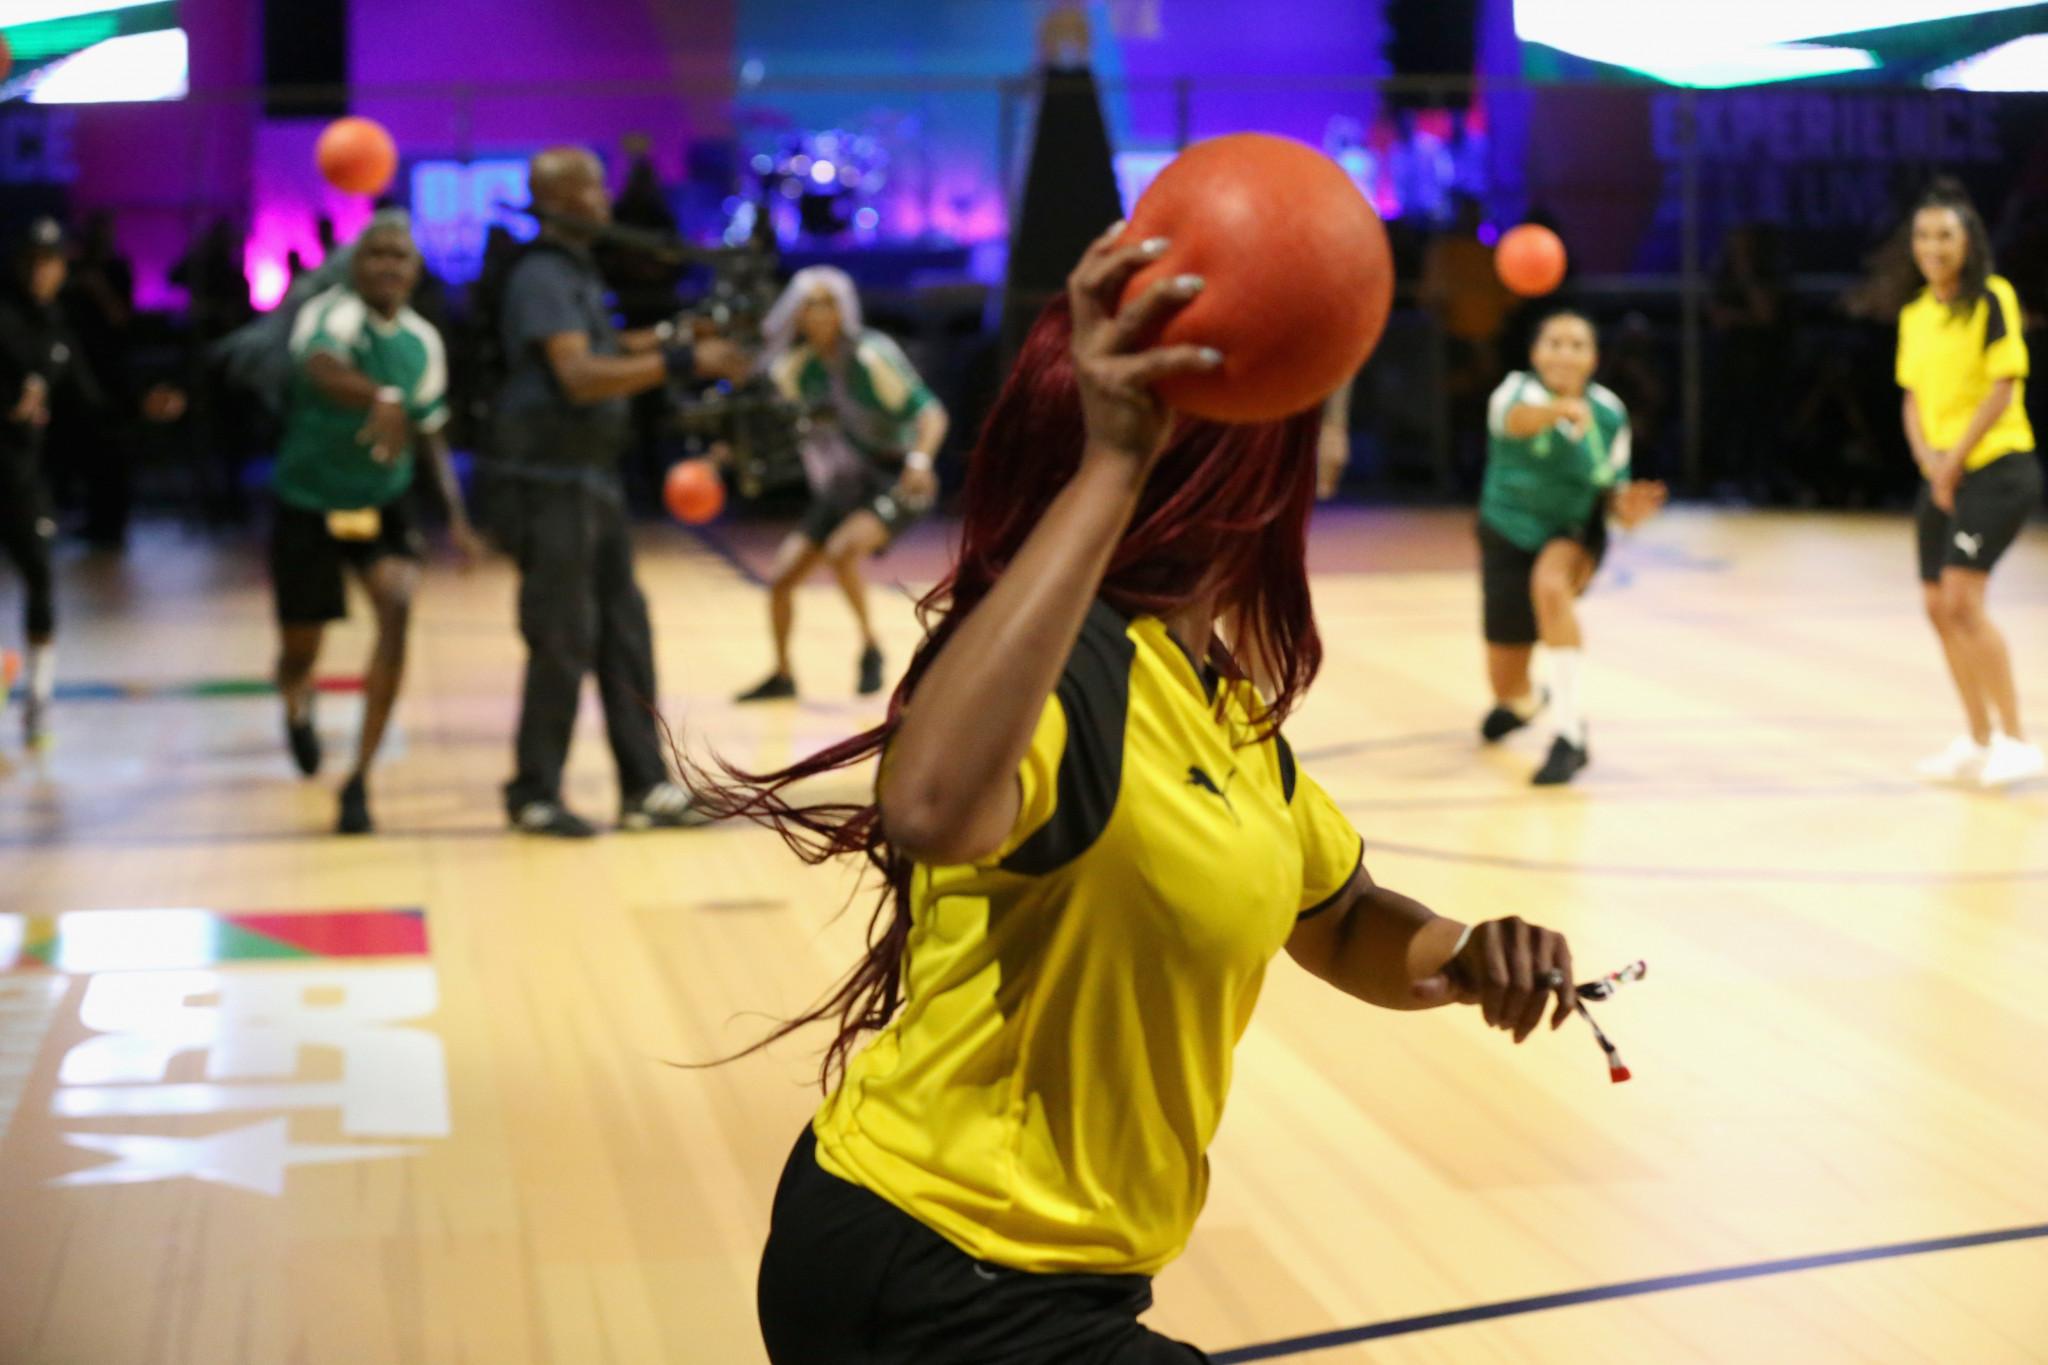 Dodgeball will make its Gay Games debut at Hong Kong 2022 ©Getty Images